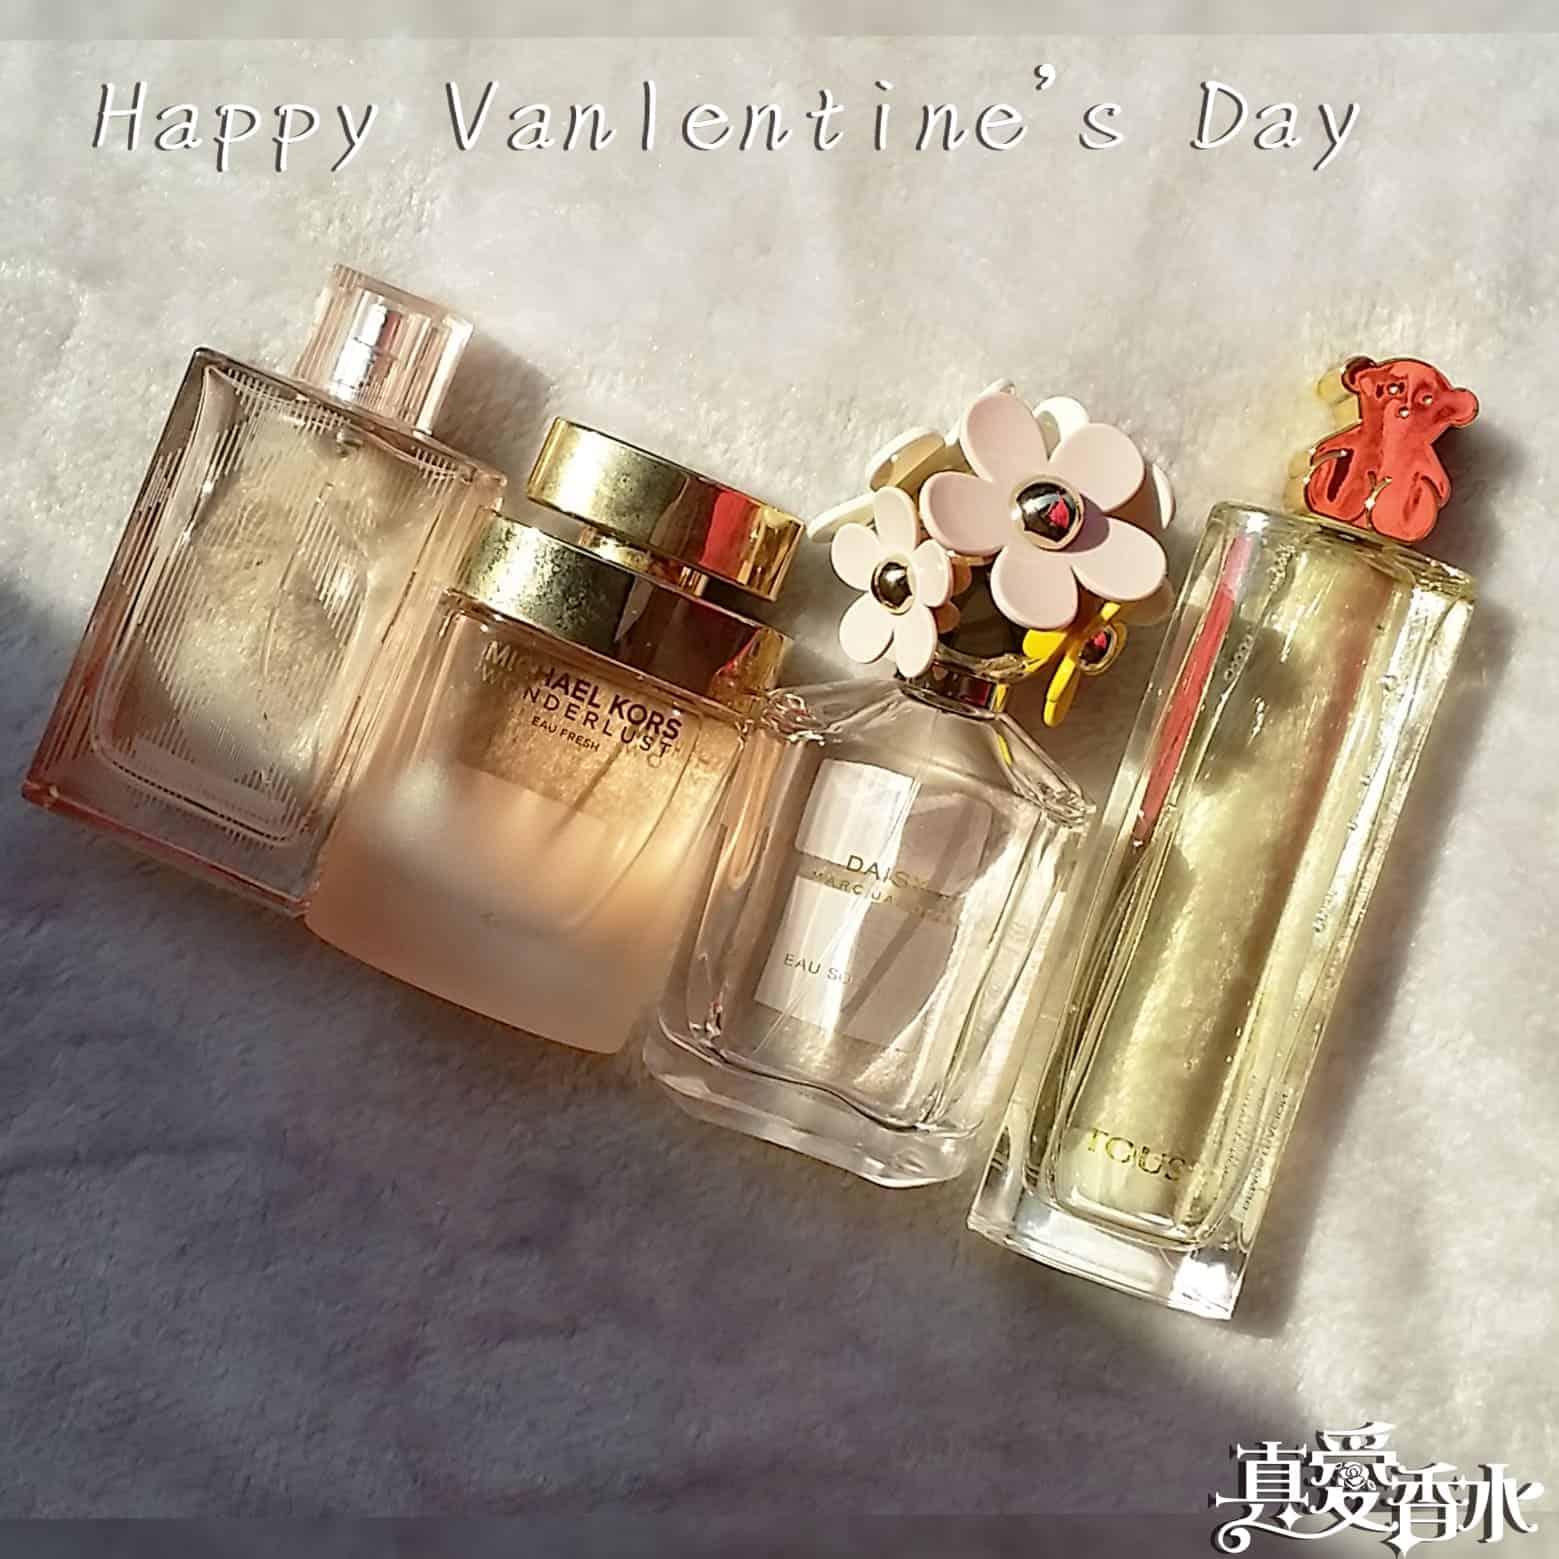 甜蜜浪漫情人節女香 -4款甜甜蜜蜜的情人節「戀愛」女香水